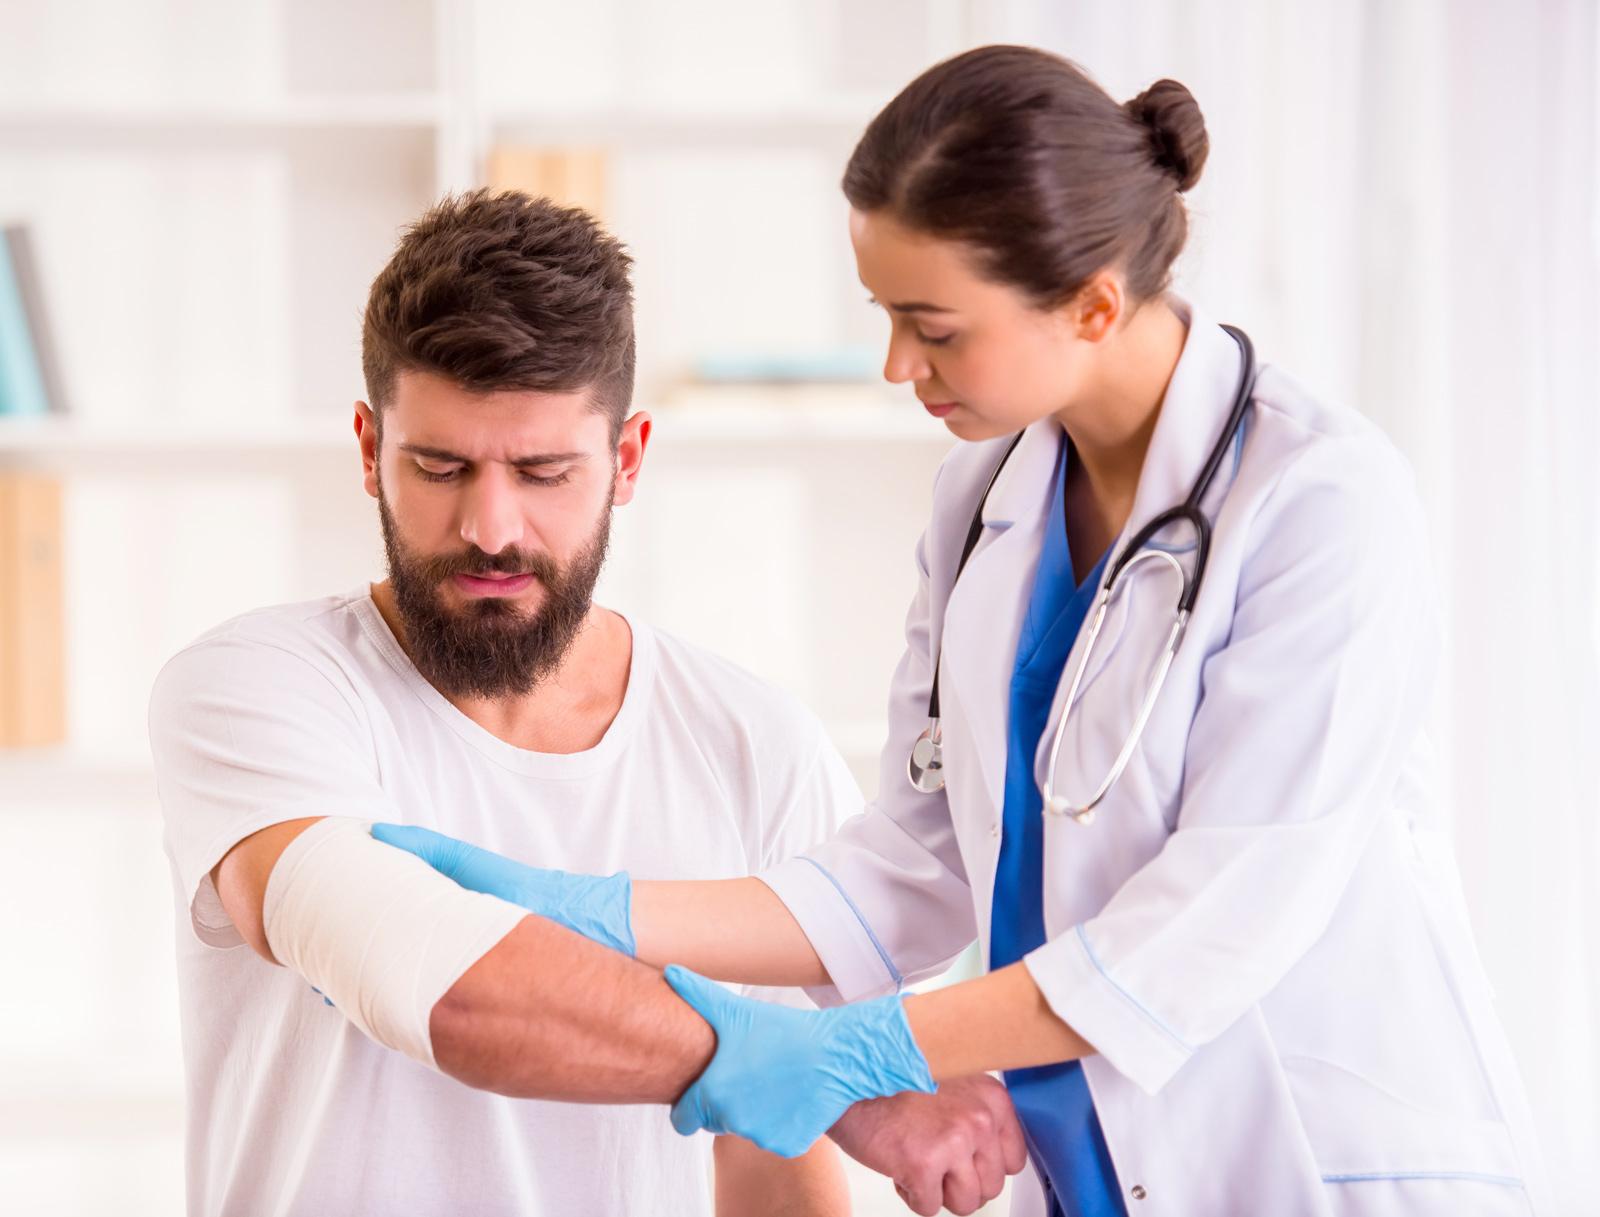 oprtopedico-roma-visita-ortopedica-a-roma